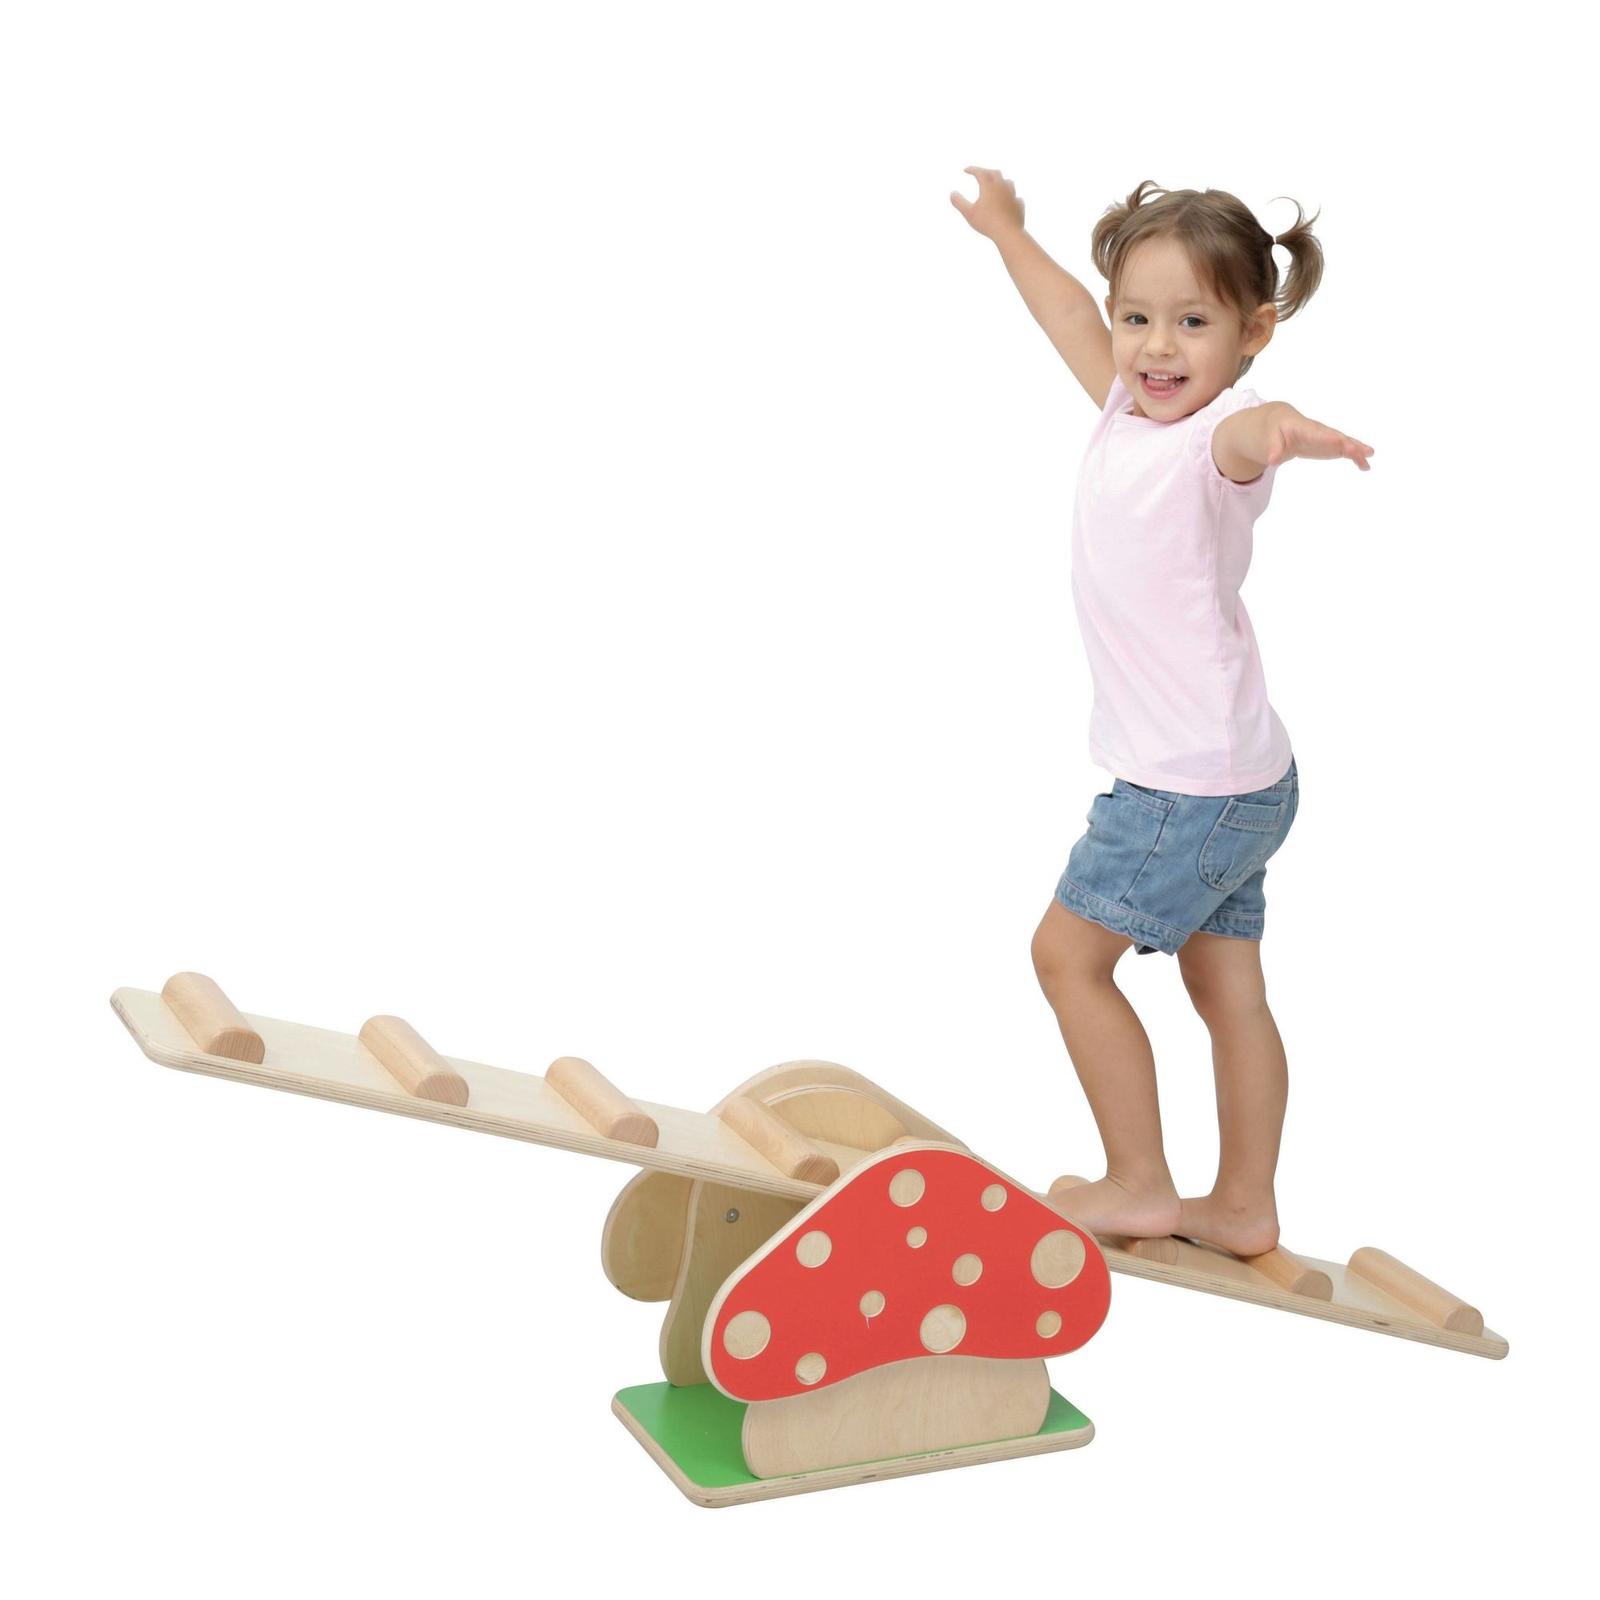 Balance Footbridge